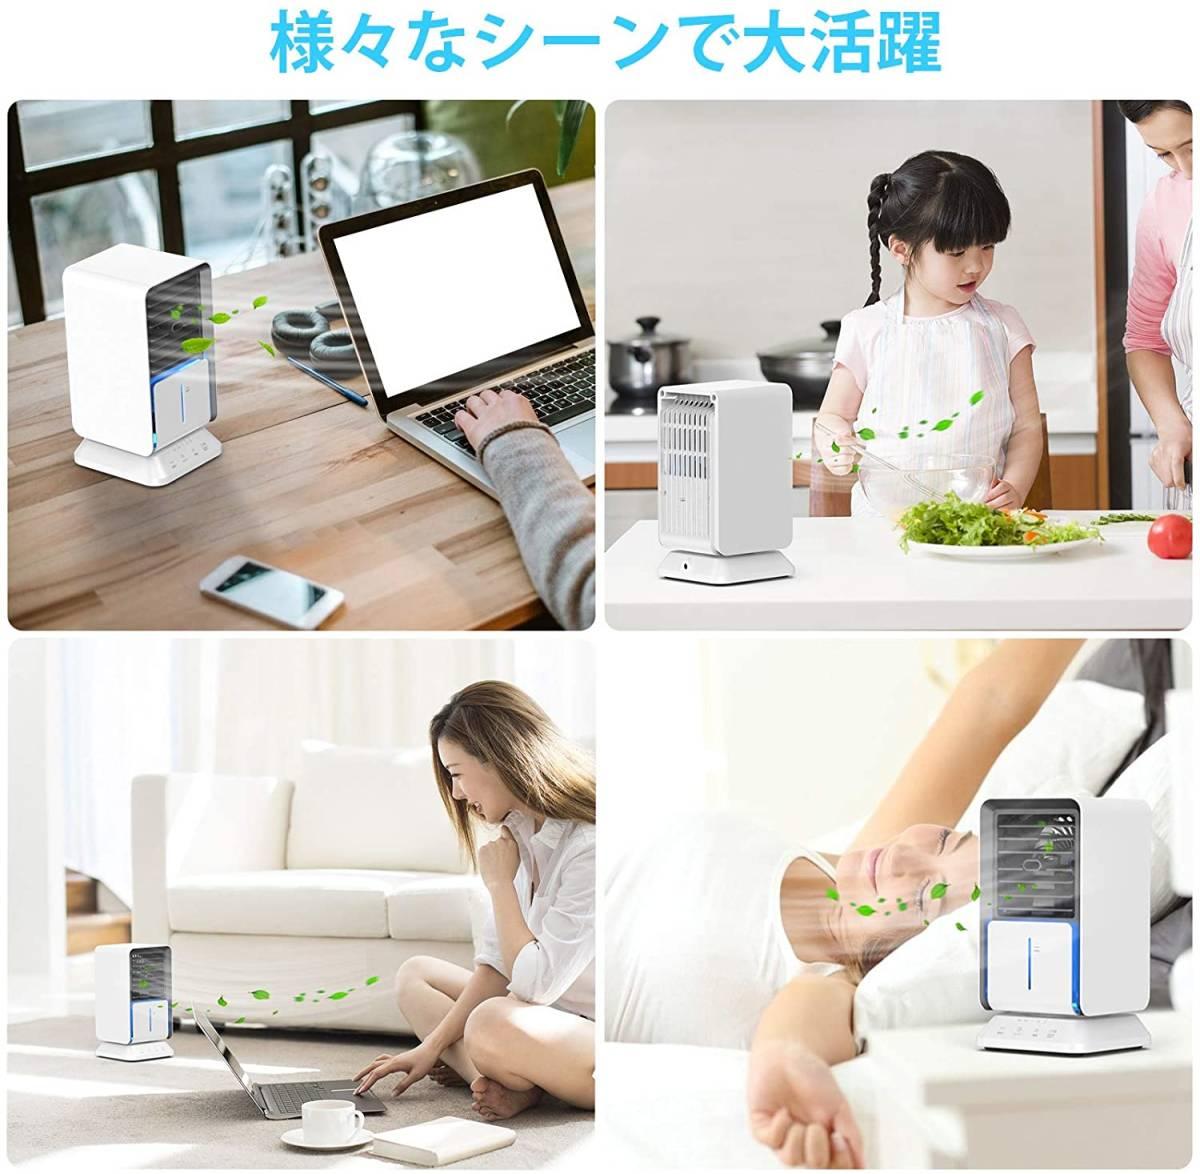 2021年最新版 冷風機 冷風扇 小型 4in1 自動首振り ミスト 加湿 空気清浄機能 3段階切替 タイマー ライト付き 角度調整 日本語説明書_画像7